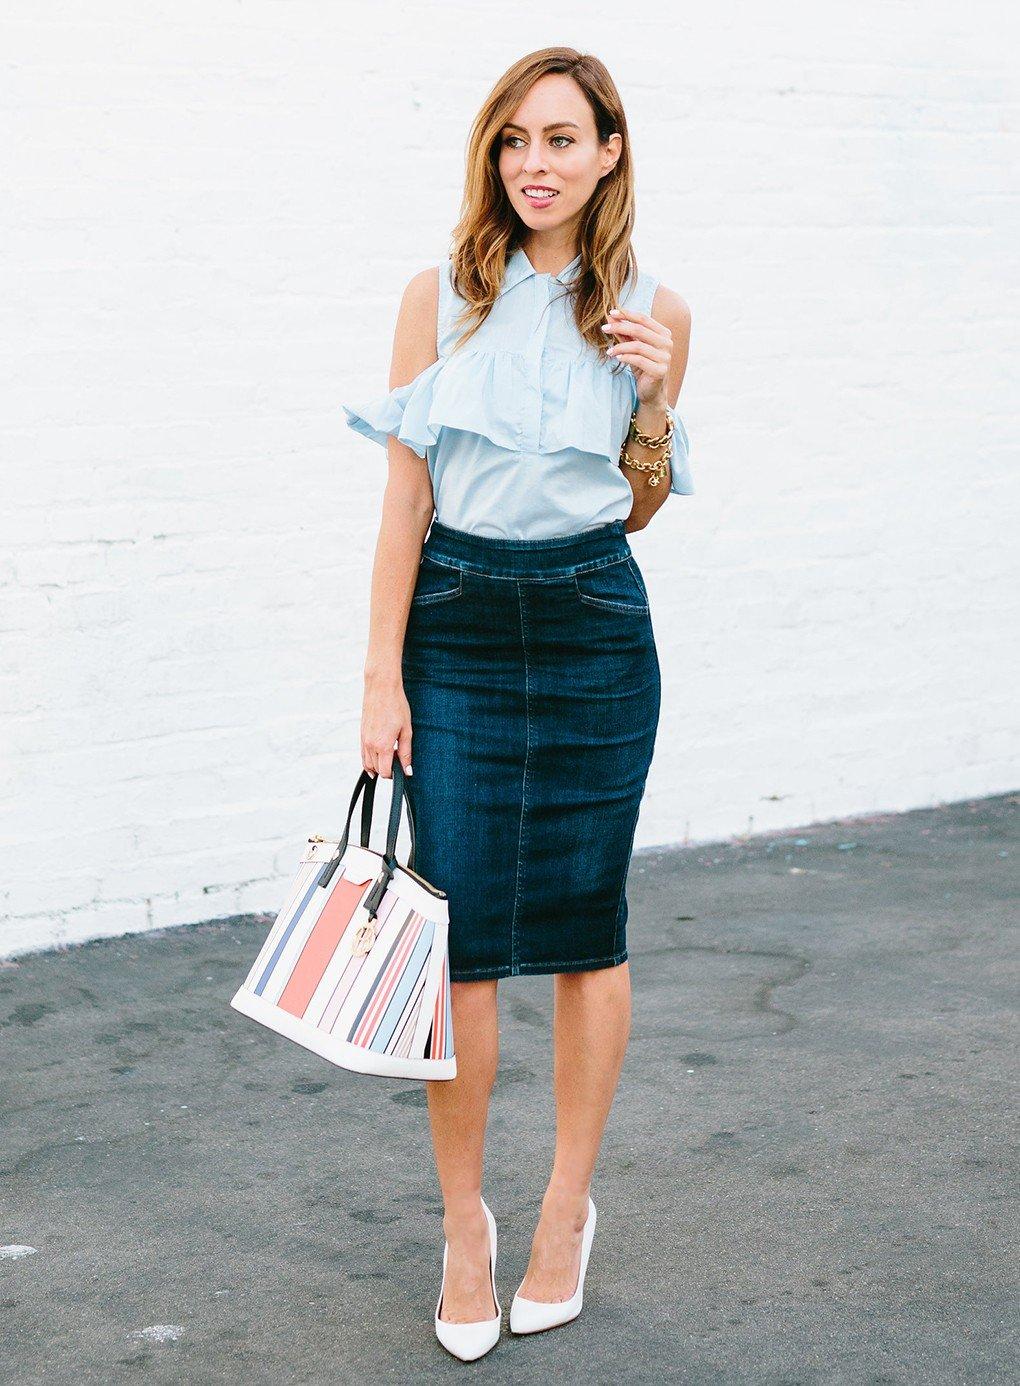 стильный образ весна 2019: темная джинсовая юбка и голубая блуза с воланами